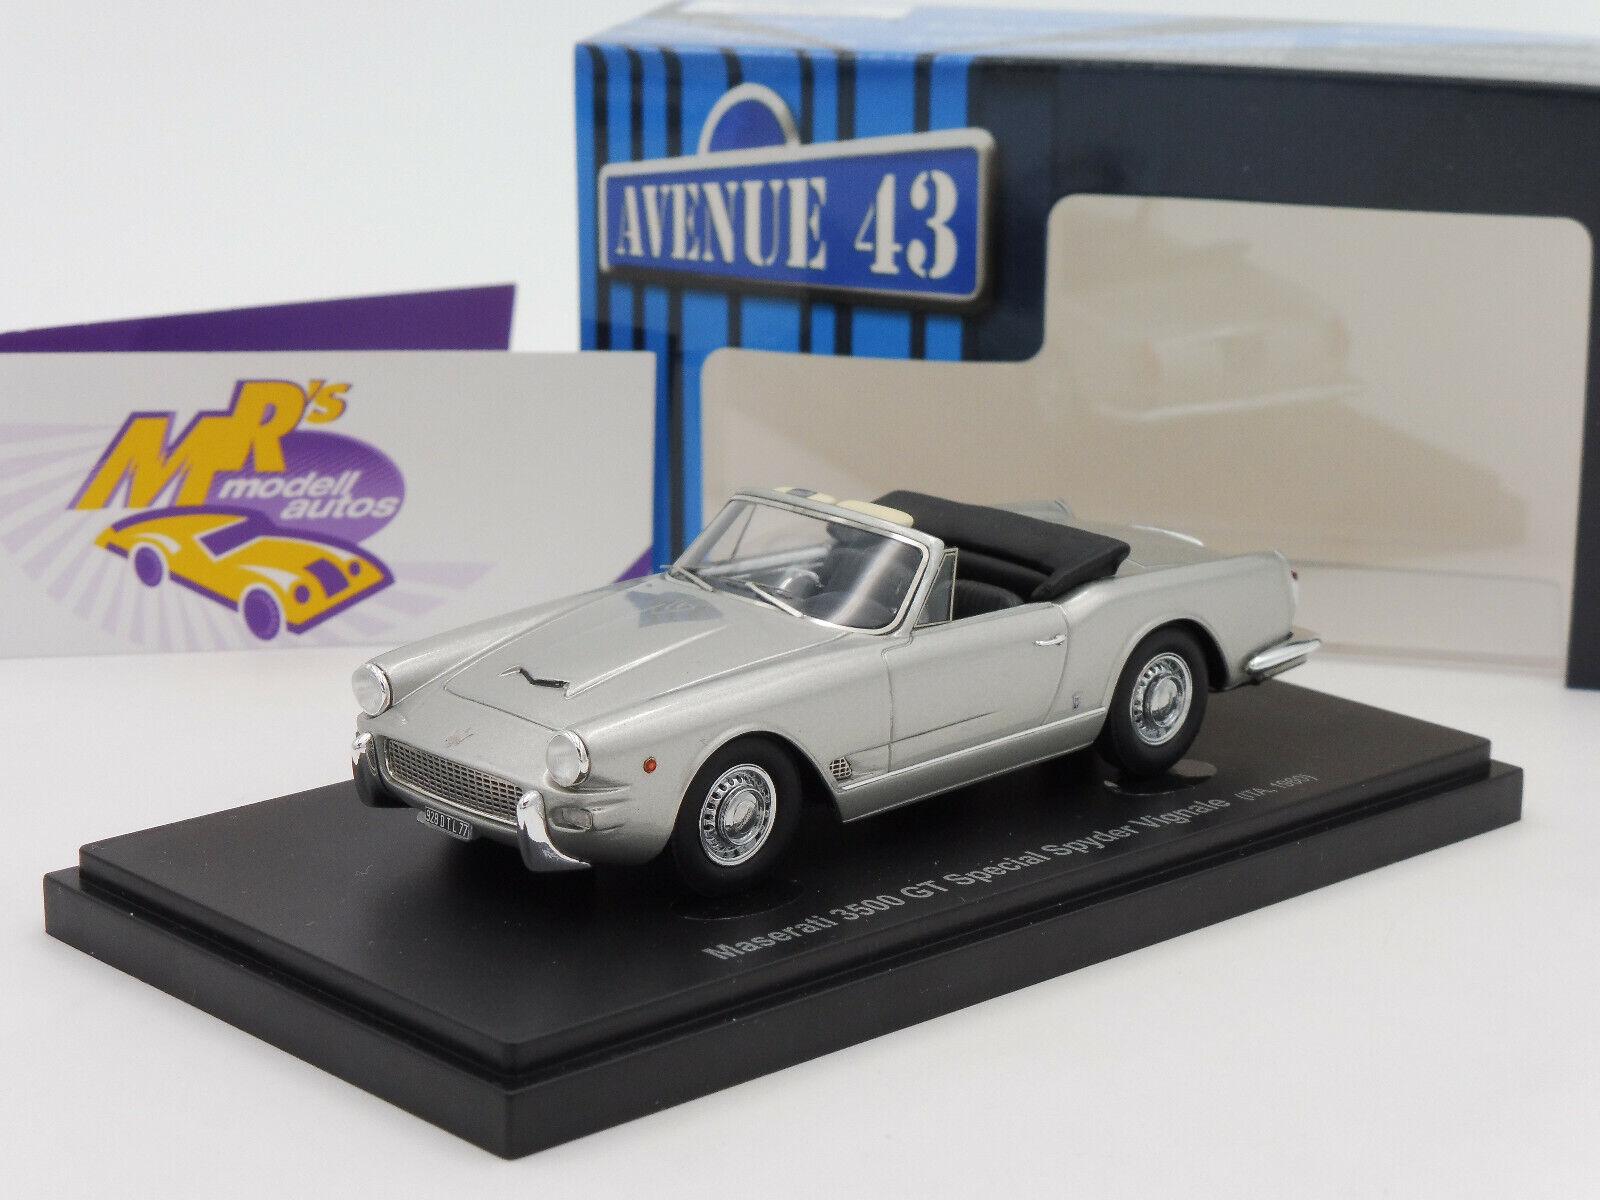 bilkult Avenue 43 6019 Maserati 3500 GT Spider Vig.Bji.1960 silver 1 43 NEU